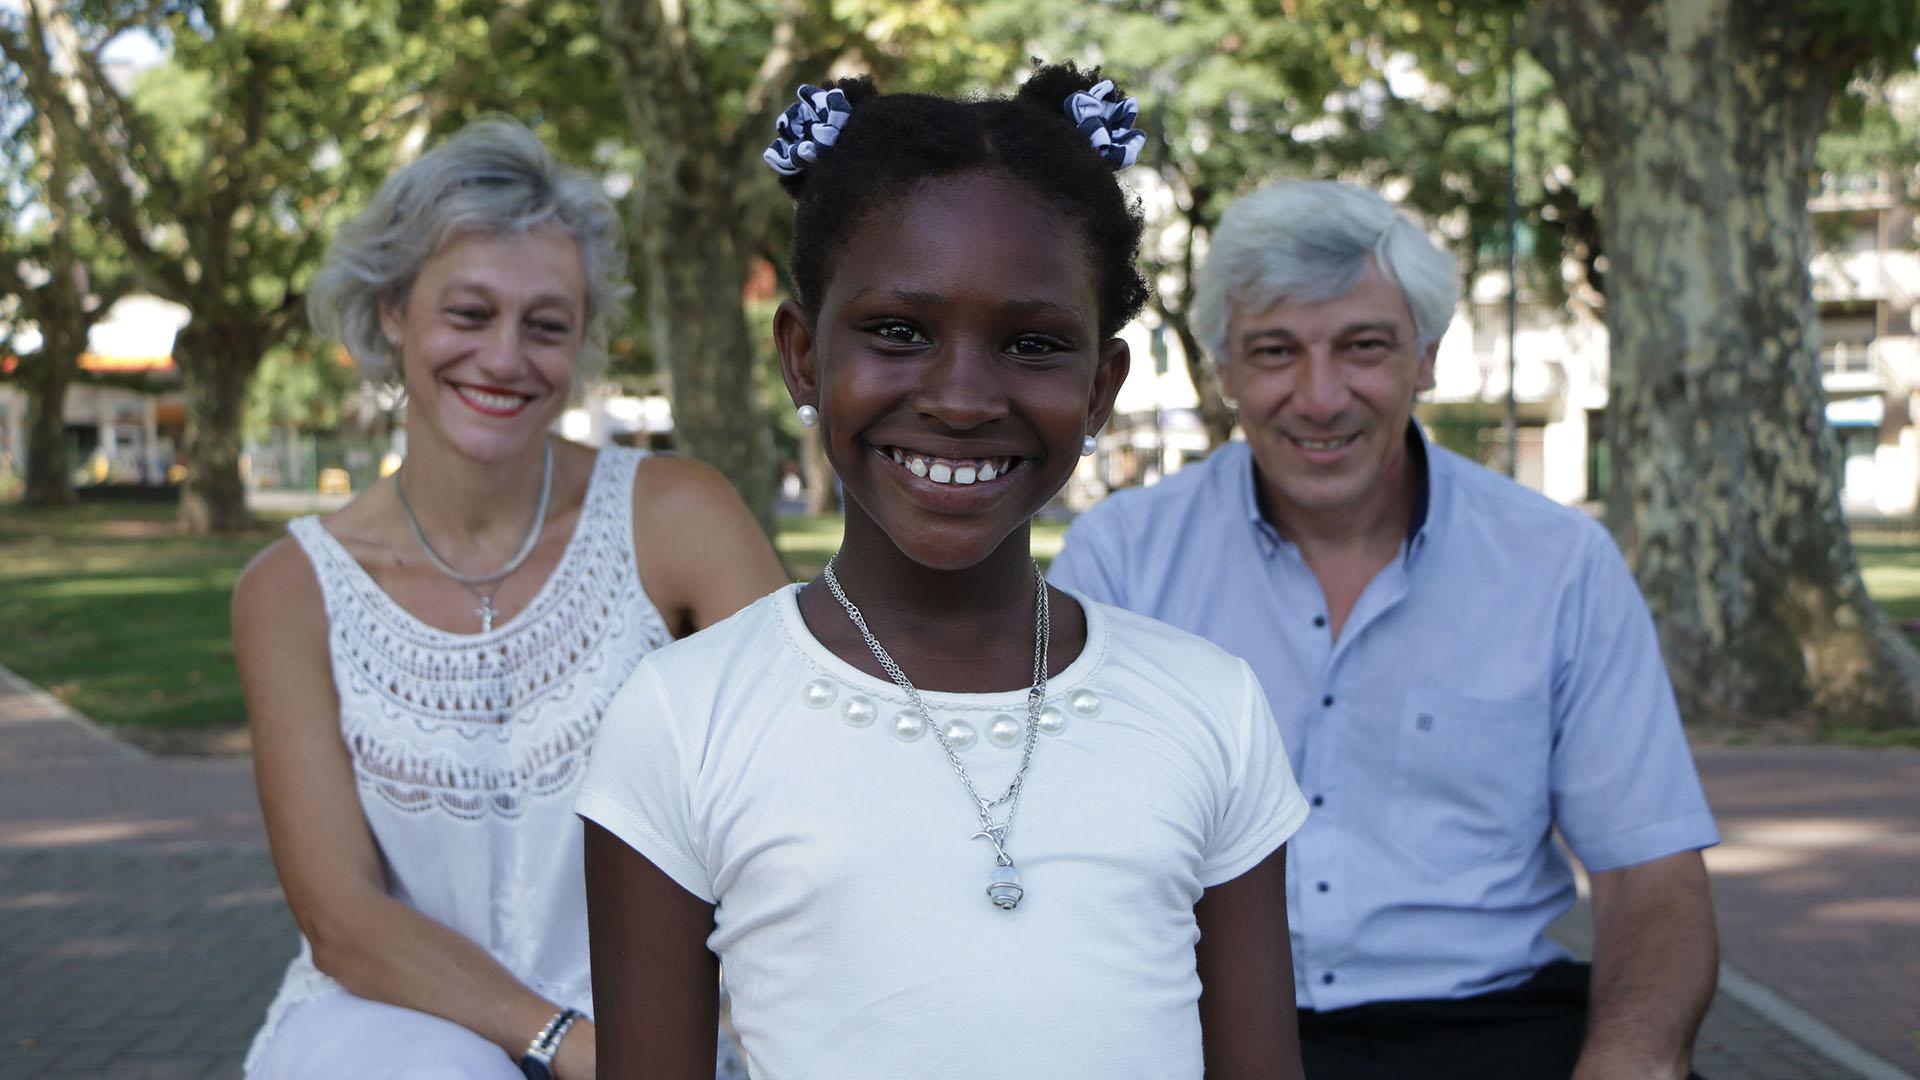 Adelante, Estherline. Atrás, Lucrecia y Guillermo, sus padres. Viven en La Plata (Lihue Althabe)